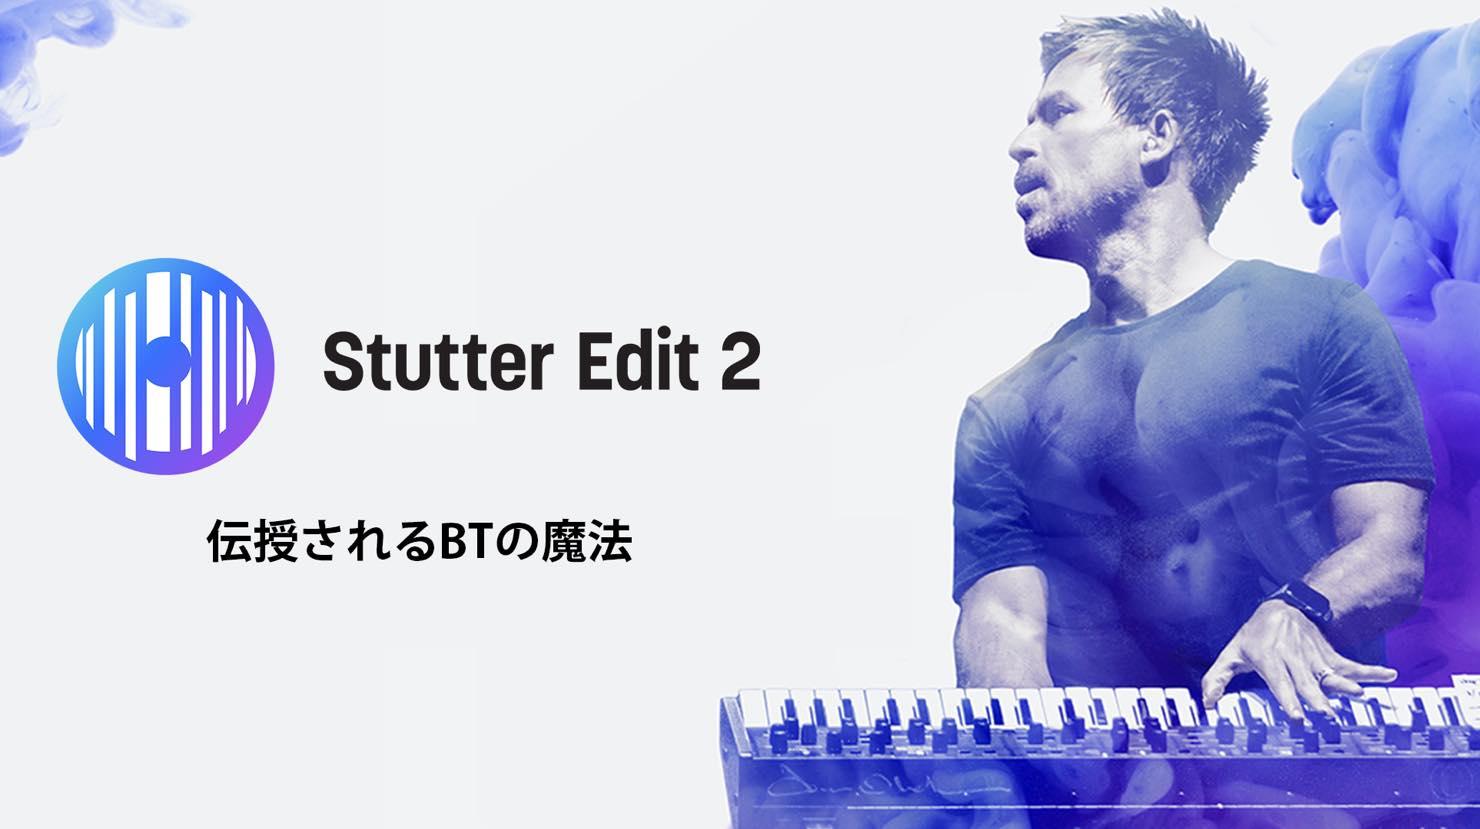 iZotope Stutter Edit 2 発売!イントロプライスで各種セールあり